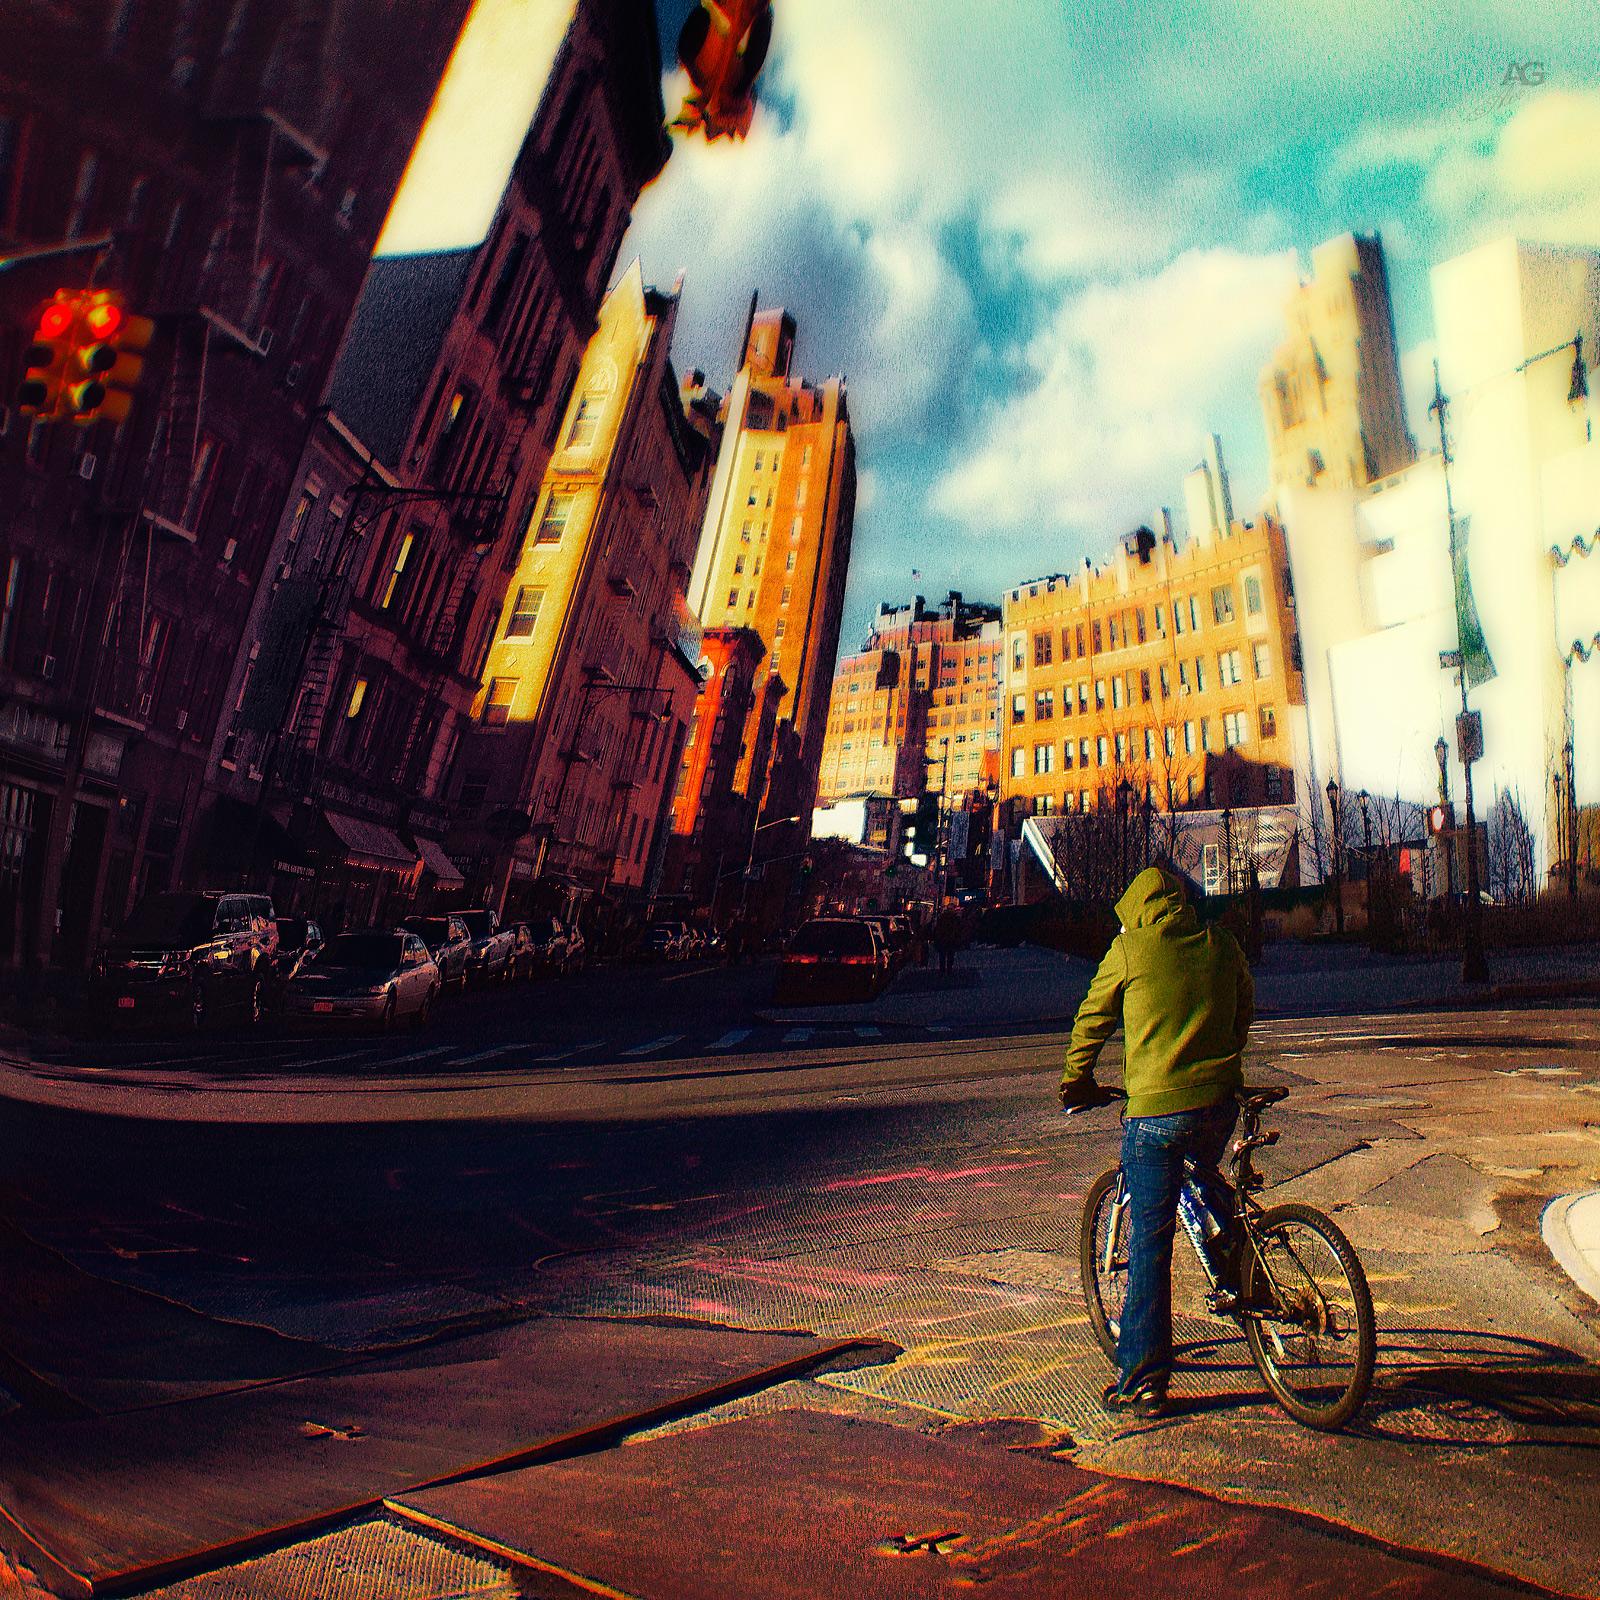 CyclistInManhattanAround14thStreet_Romanika_warped_1600